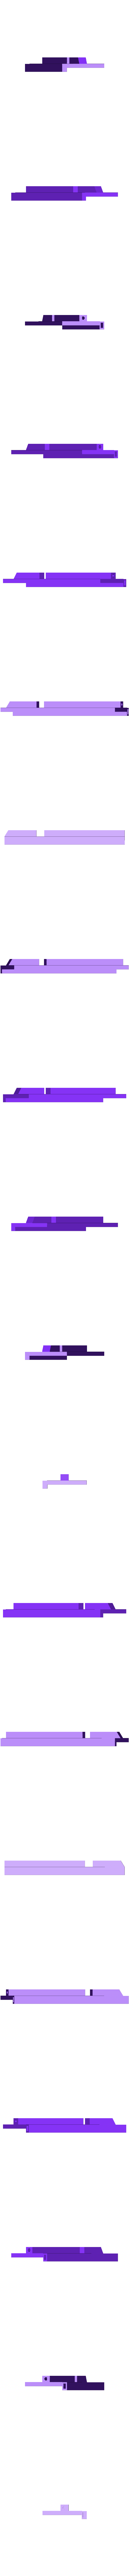 rampe 3.stl Télécharger fichier STL Pont 4 colonnes pour garage 1/10 • Design pour impression 3D, RCGANG93